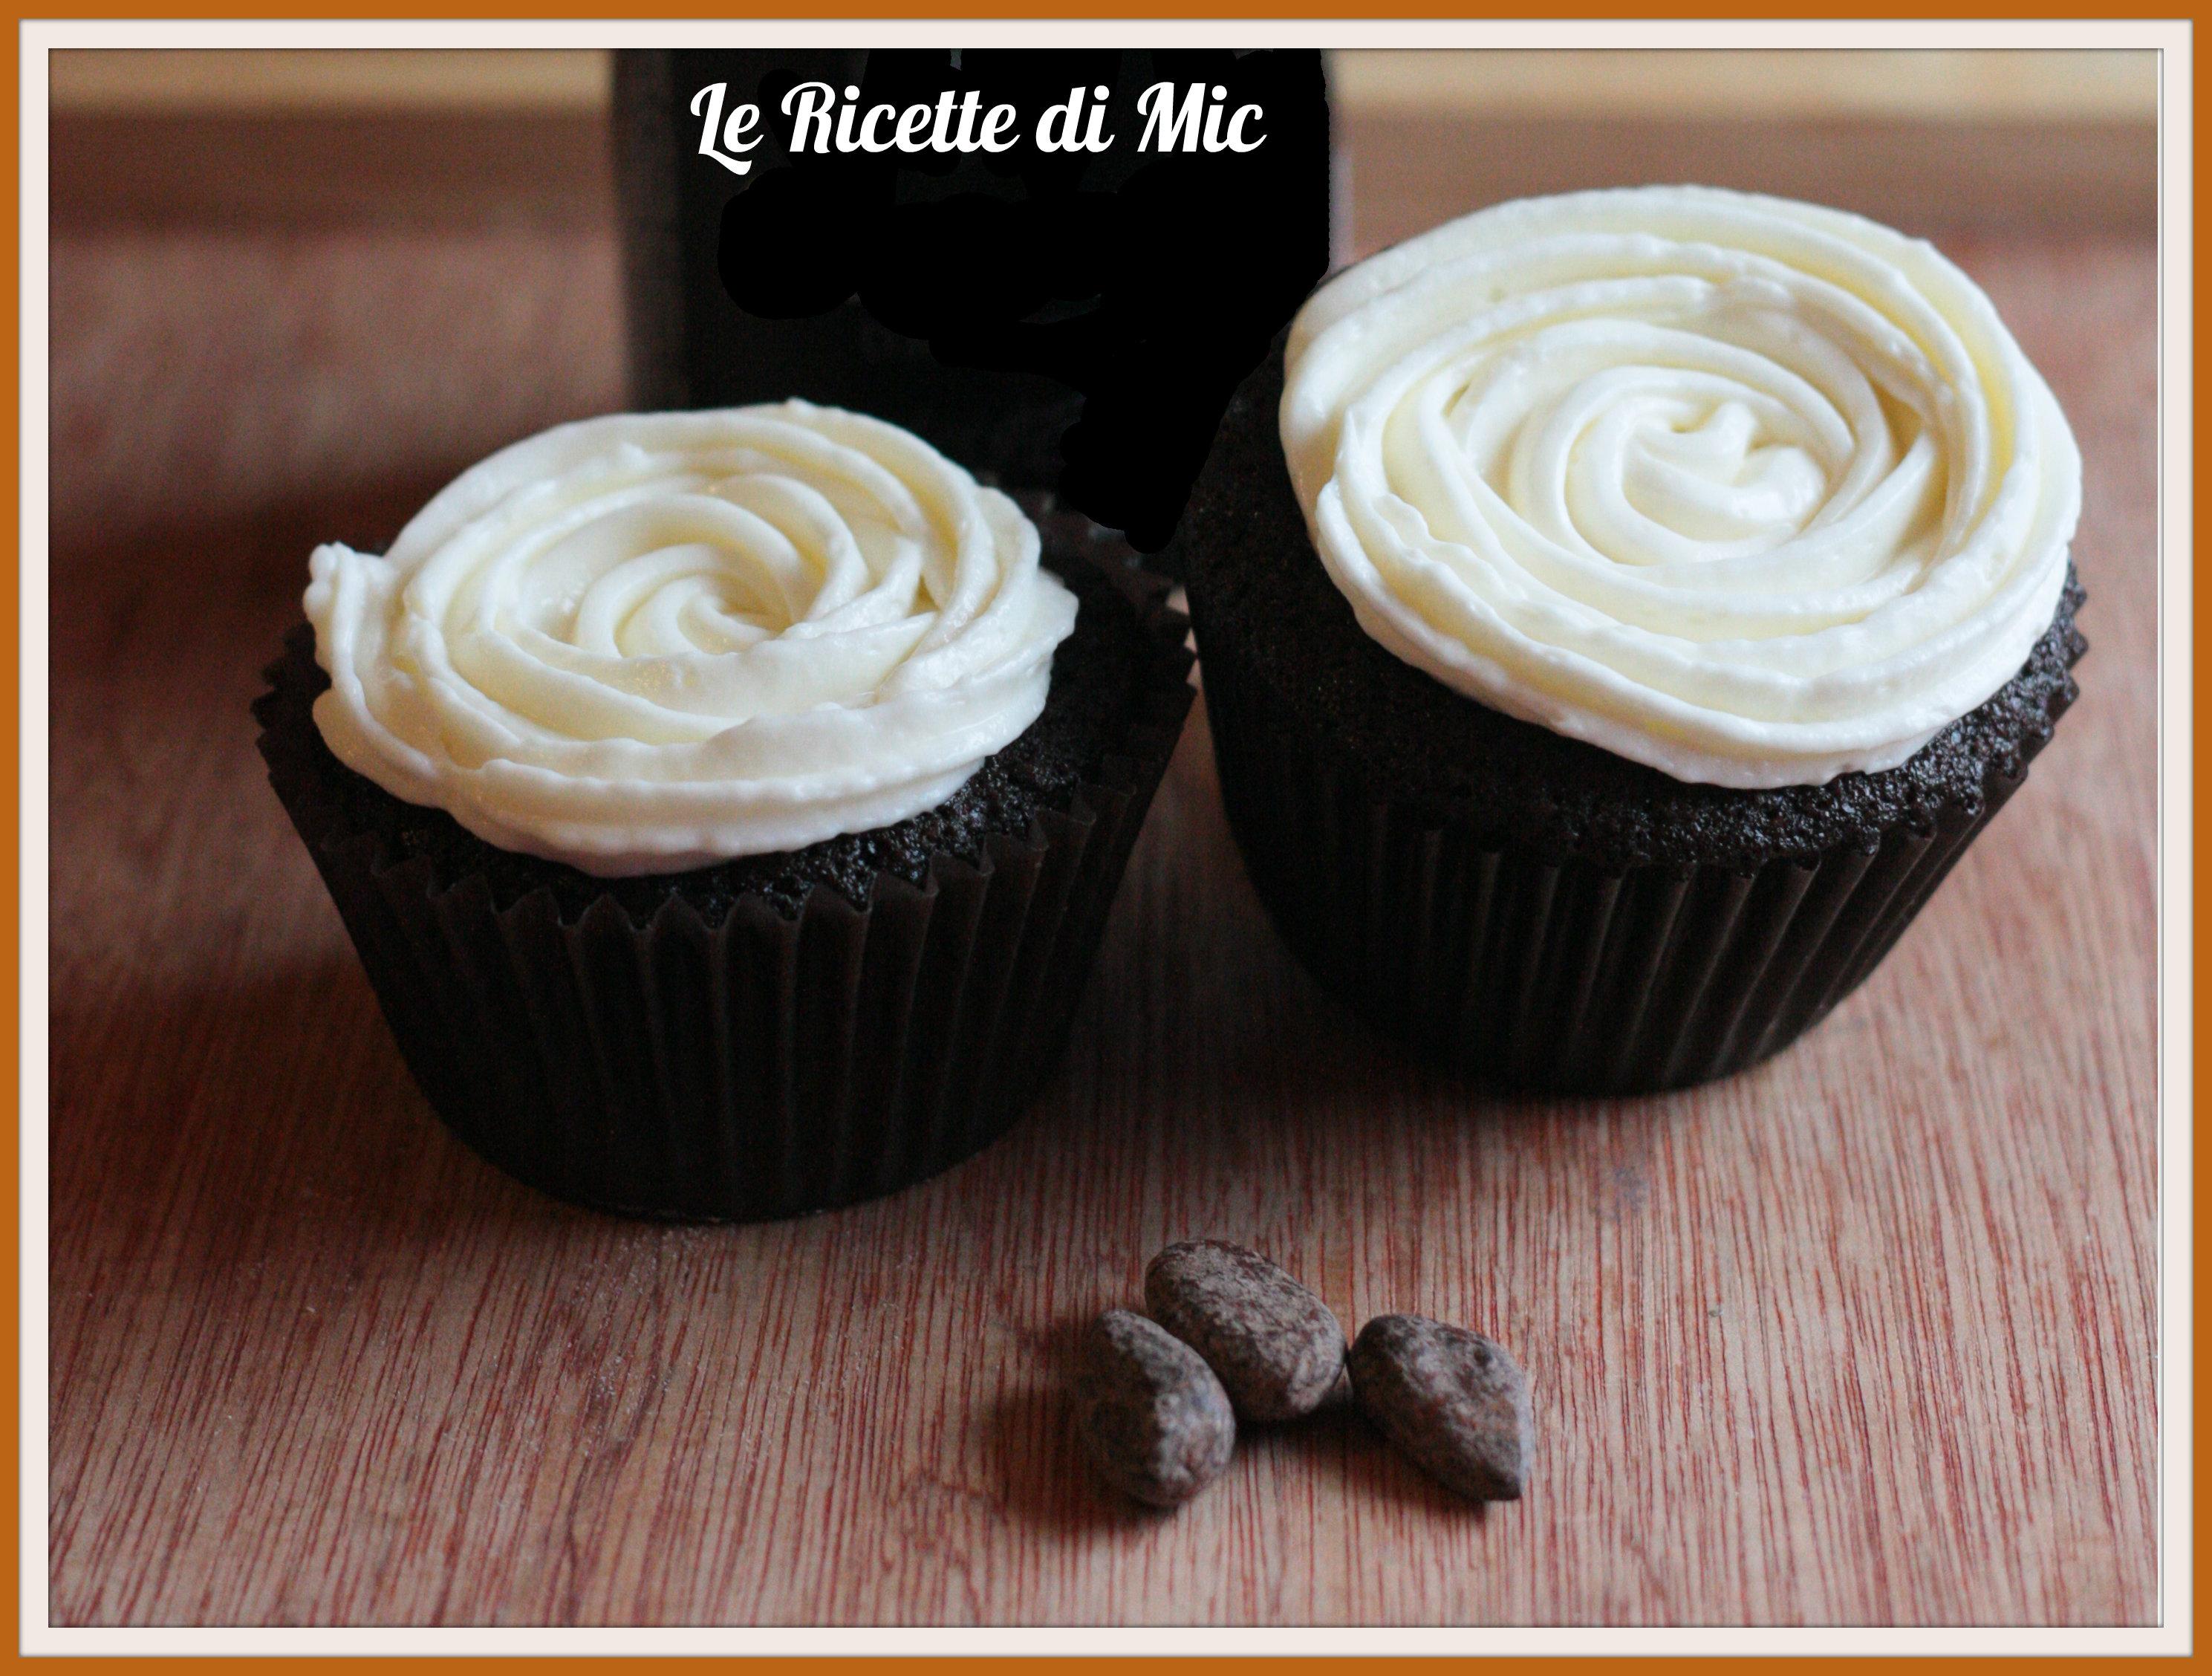 Eccezionale cupcake alla guinness | Ricetta dolce | Le ricette di Mic SR16